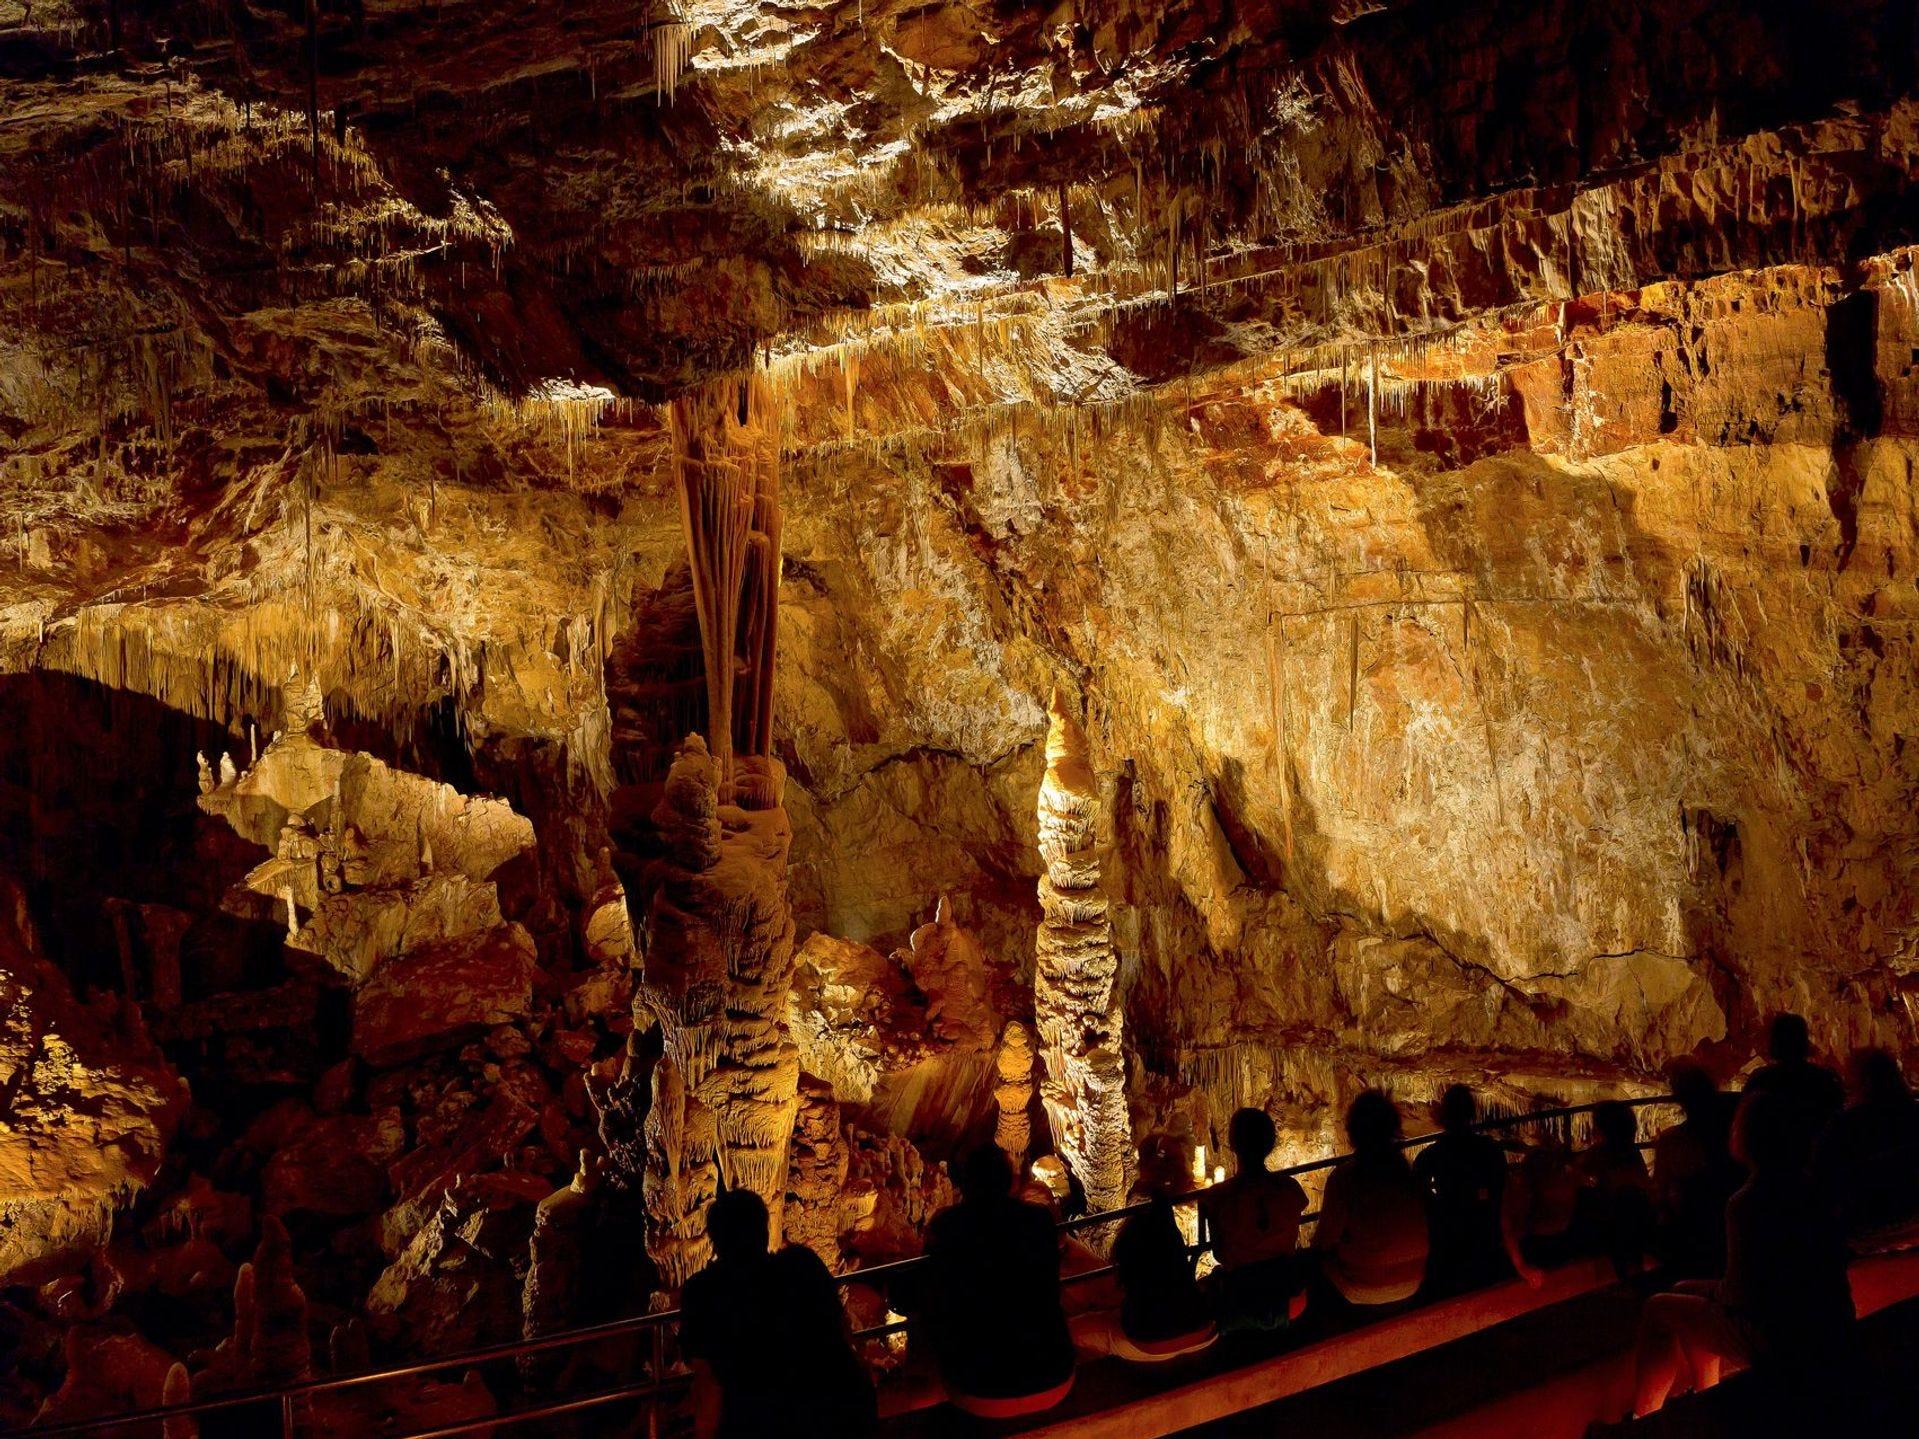 La Rotunda/Throne en el Parque Estatal Kartchner Caverns incluye la formación Kubla Khan.